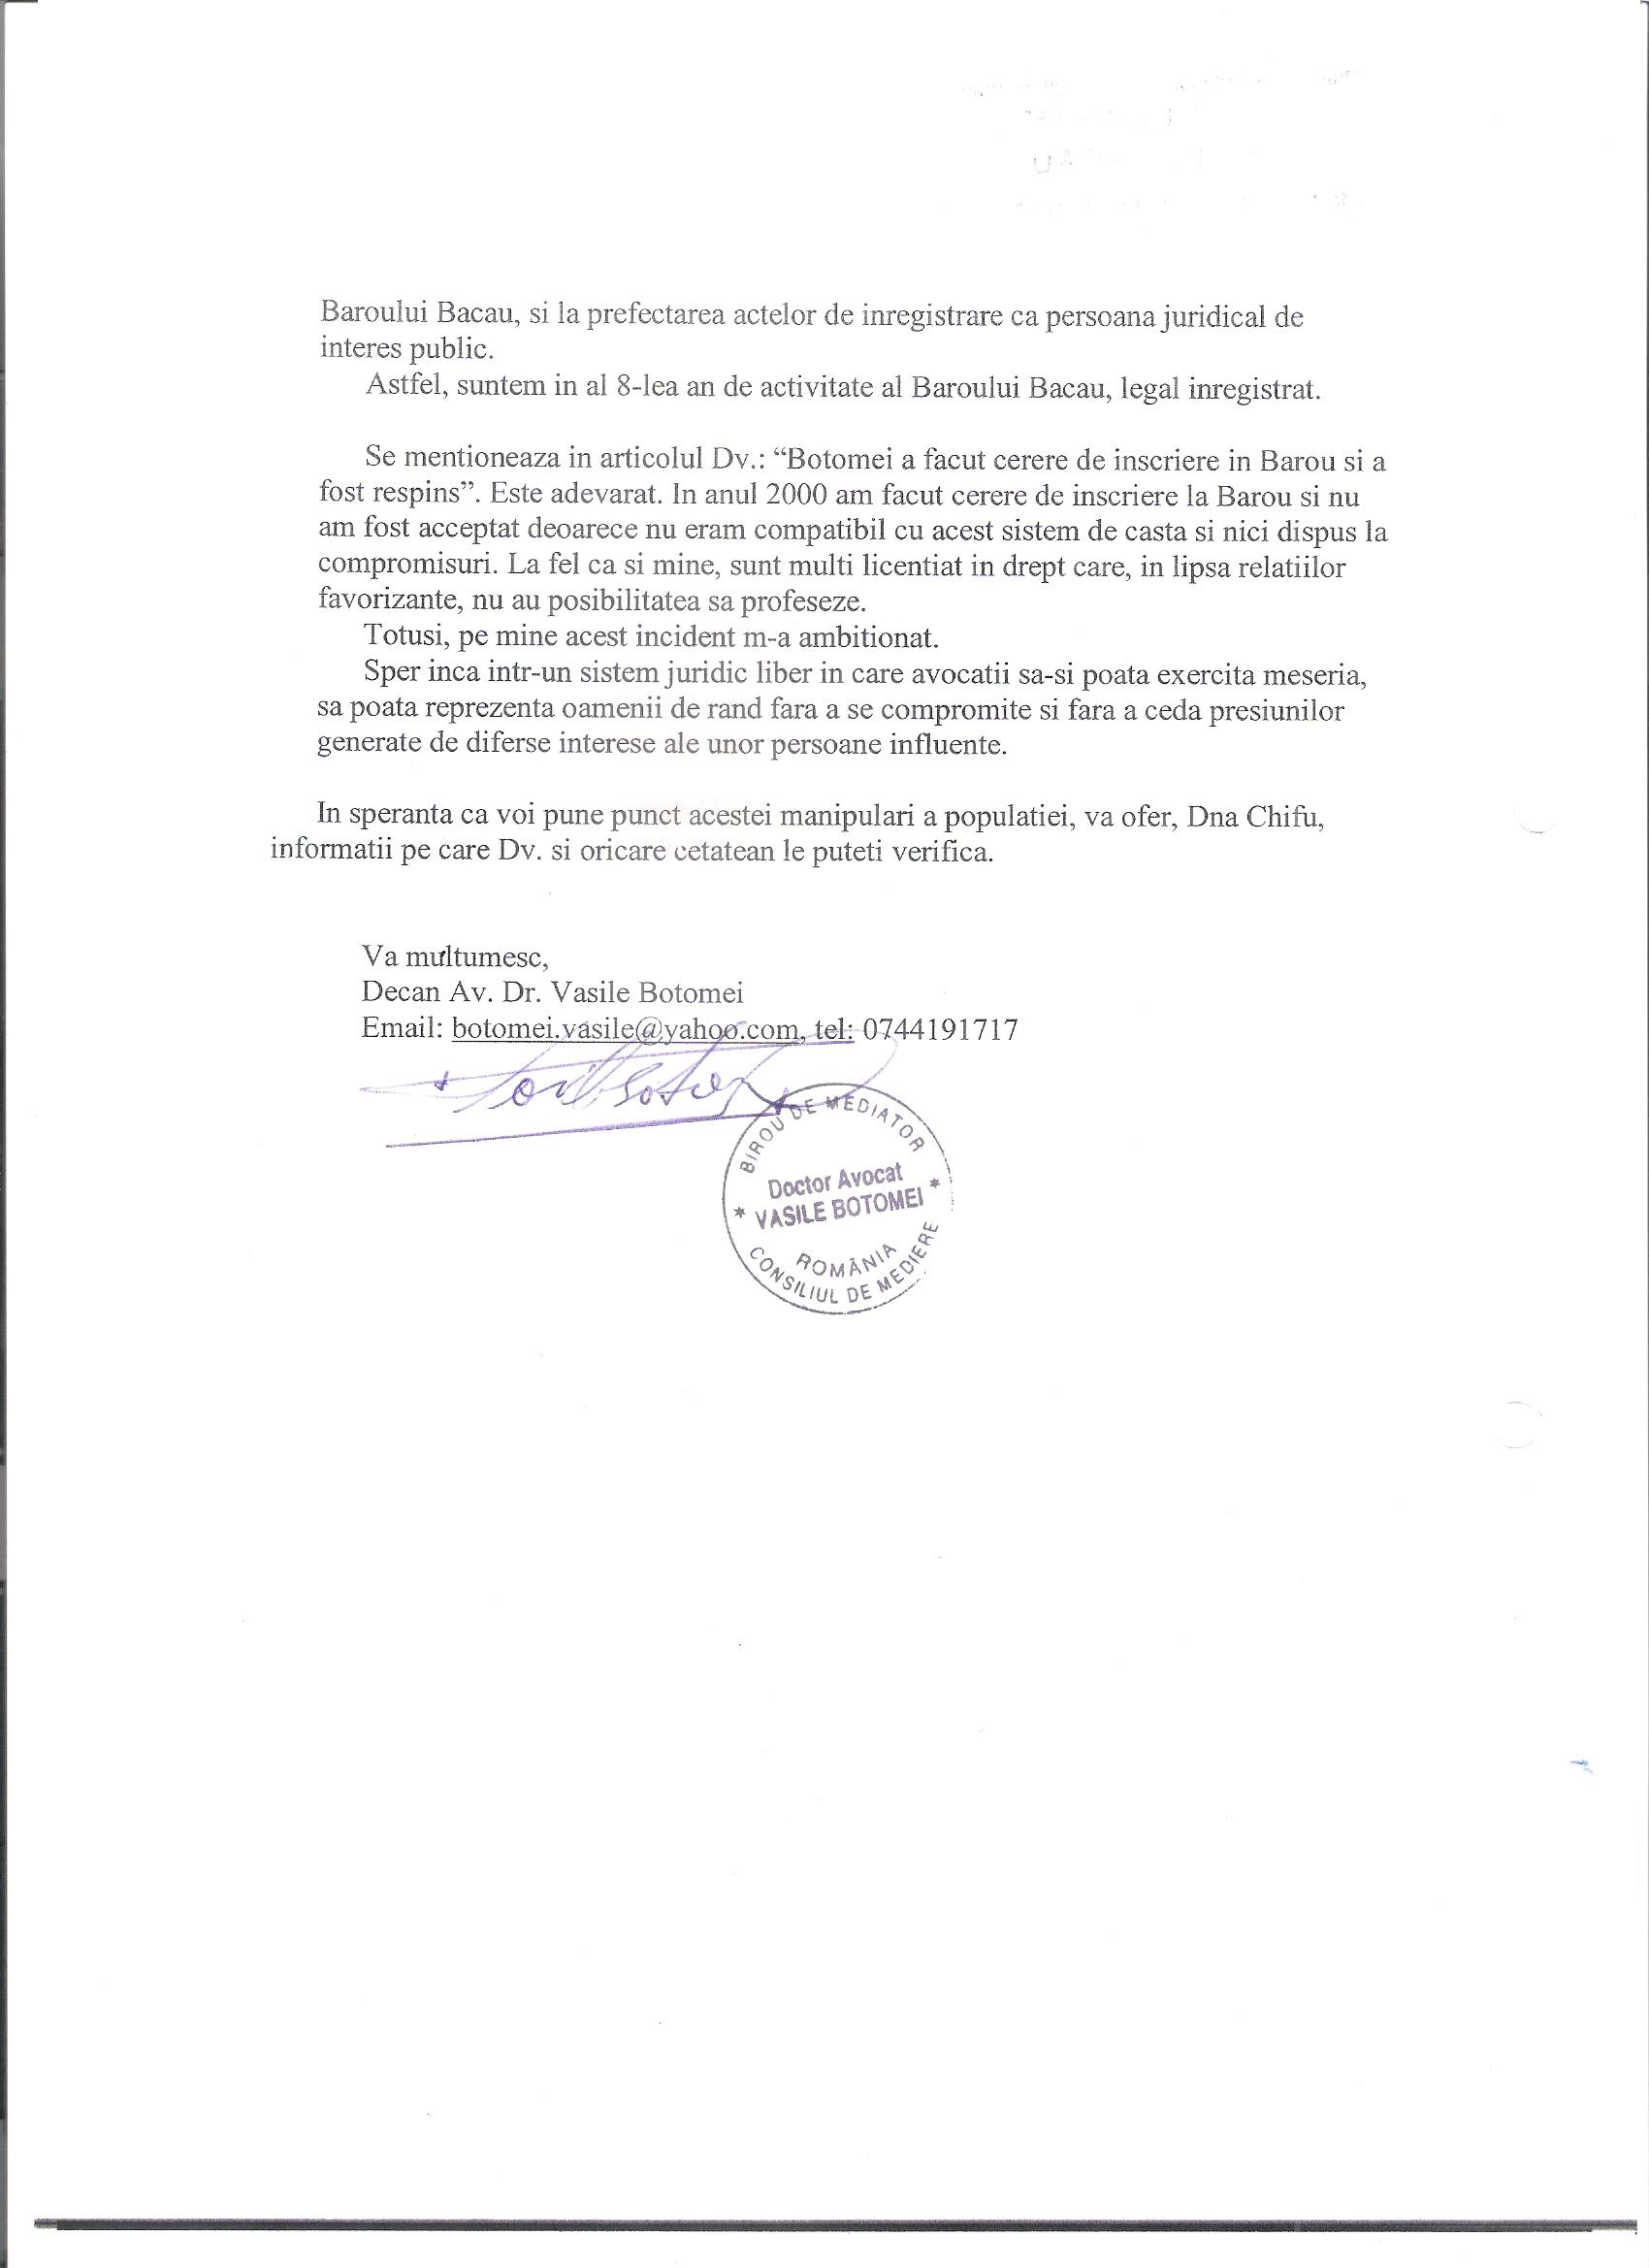 Ziarul de Bacau prezinta informatii false ce dezinformeaza cetatenii